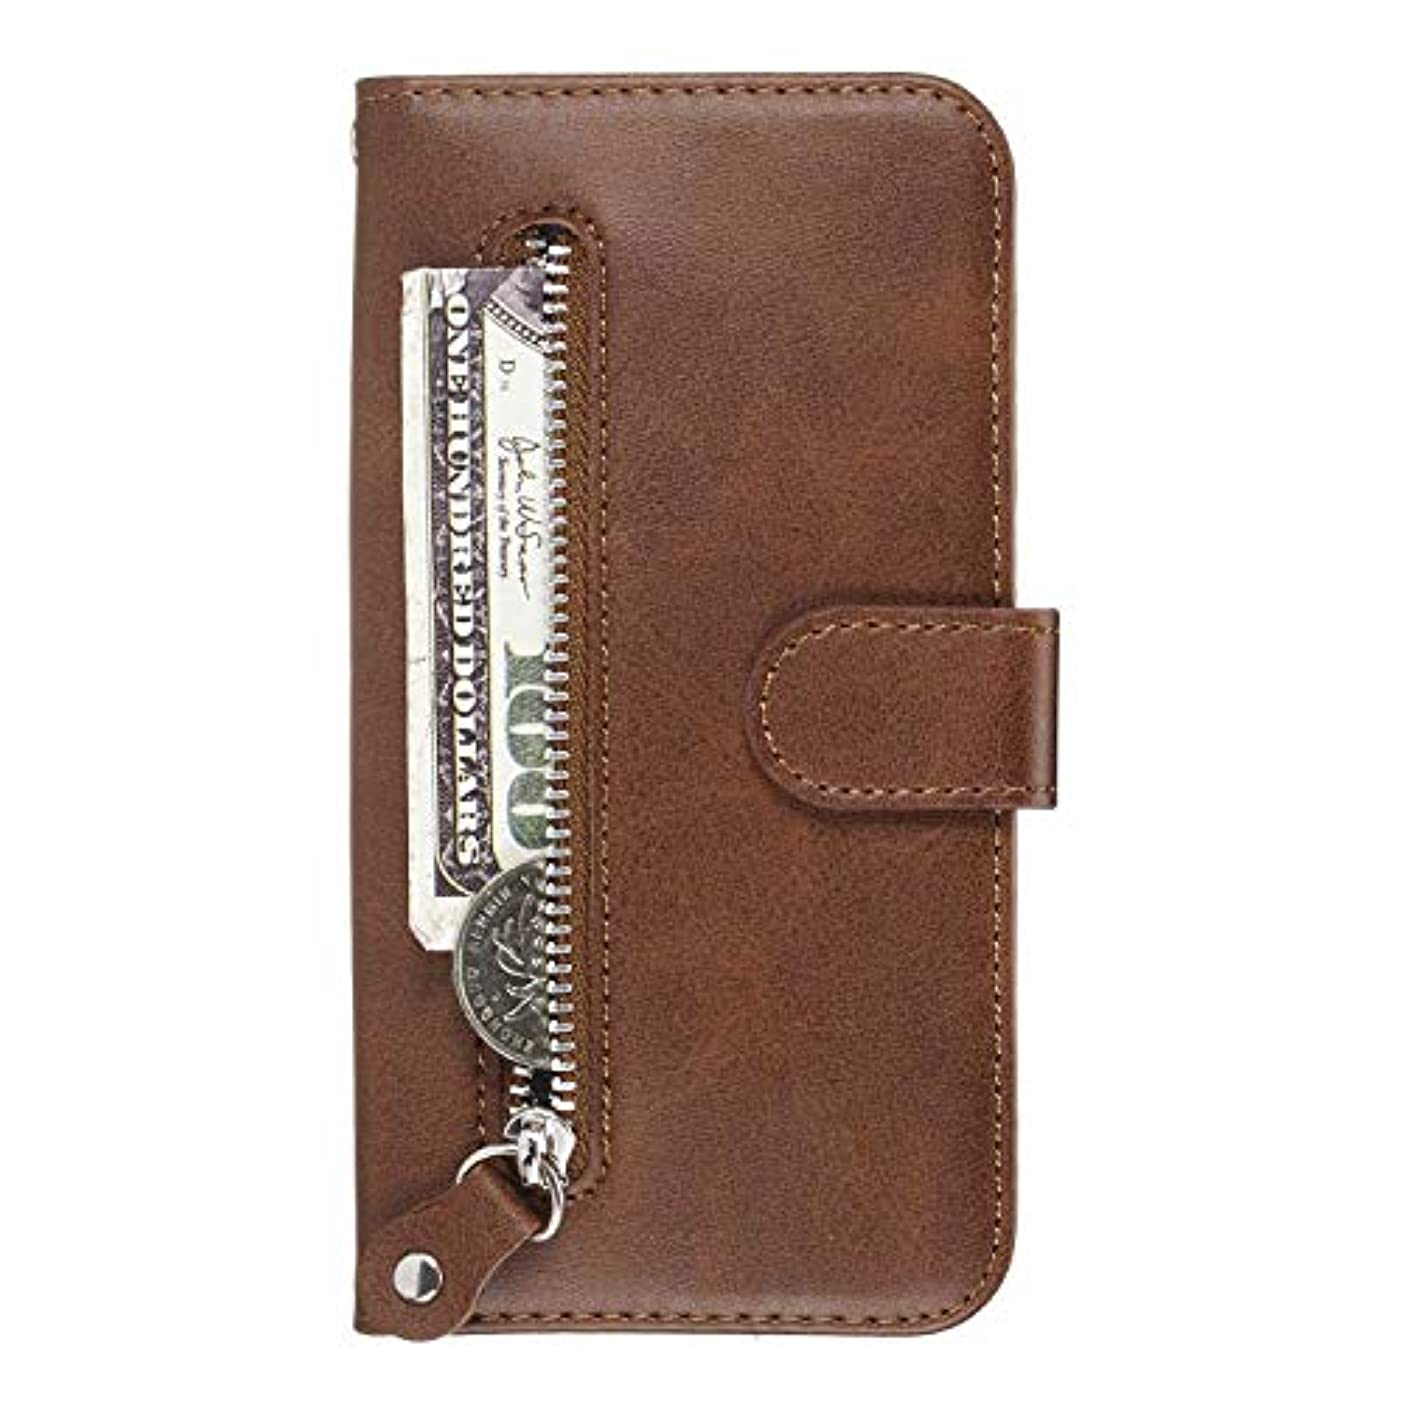 ドロップ検出器構想するOMATENTI iPhone XR ケース, 軽量 PUレザー 薄型 簡約風 人気カバー バックケース iPhone XR 用 Case Cover, 液晶保護 カード収納, 財布とコインポケット付き, 褐色